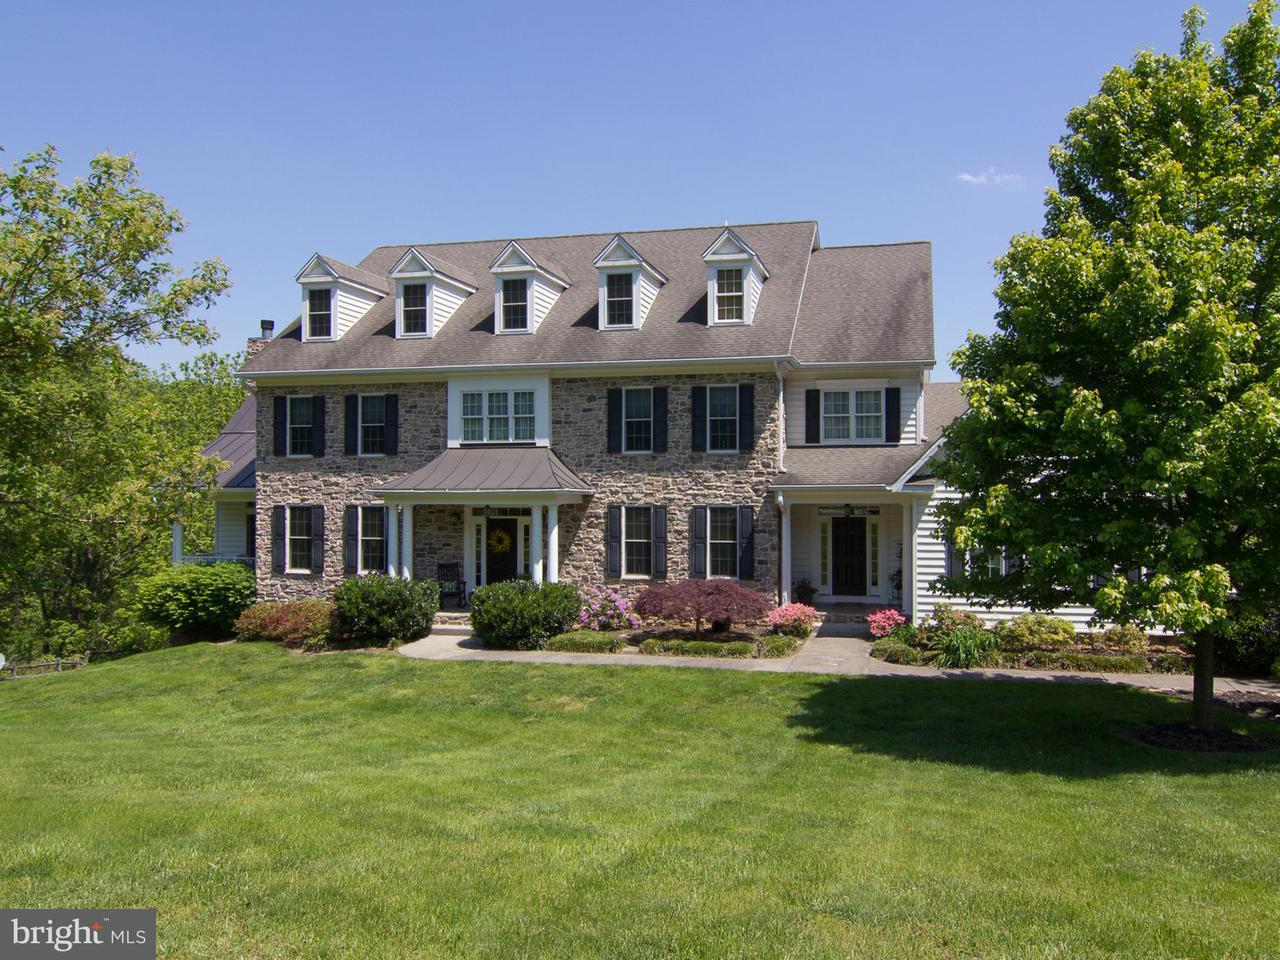 Einfamilienhaus für Verkauf beim 908 ZENITH Drive 908 ZENITH Drive Freeland, Maryland 21053 Vereinigte Staaten